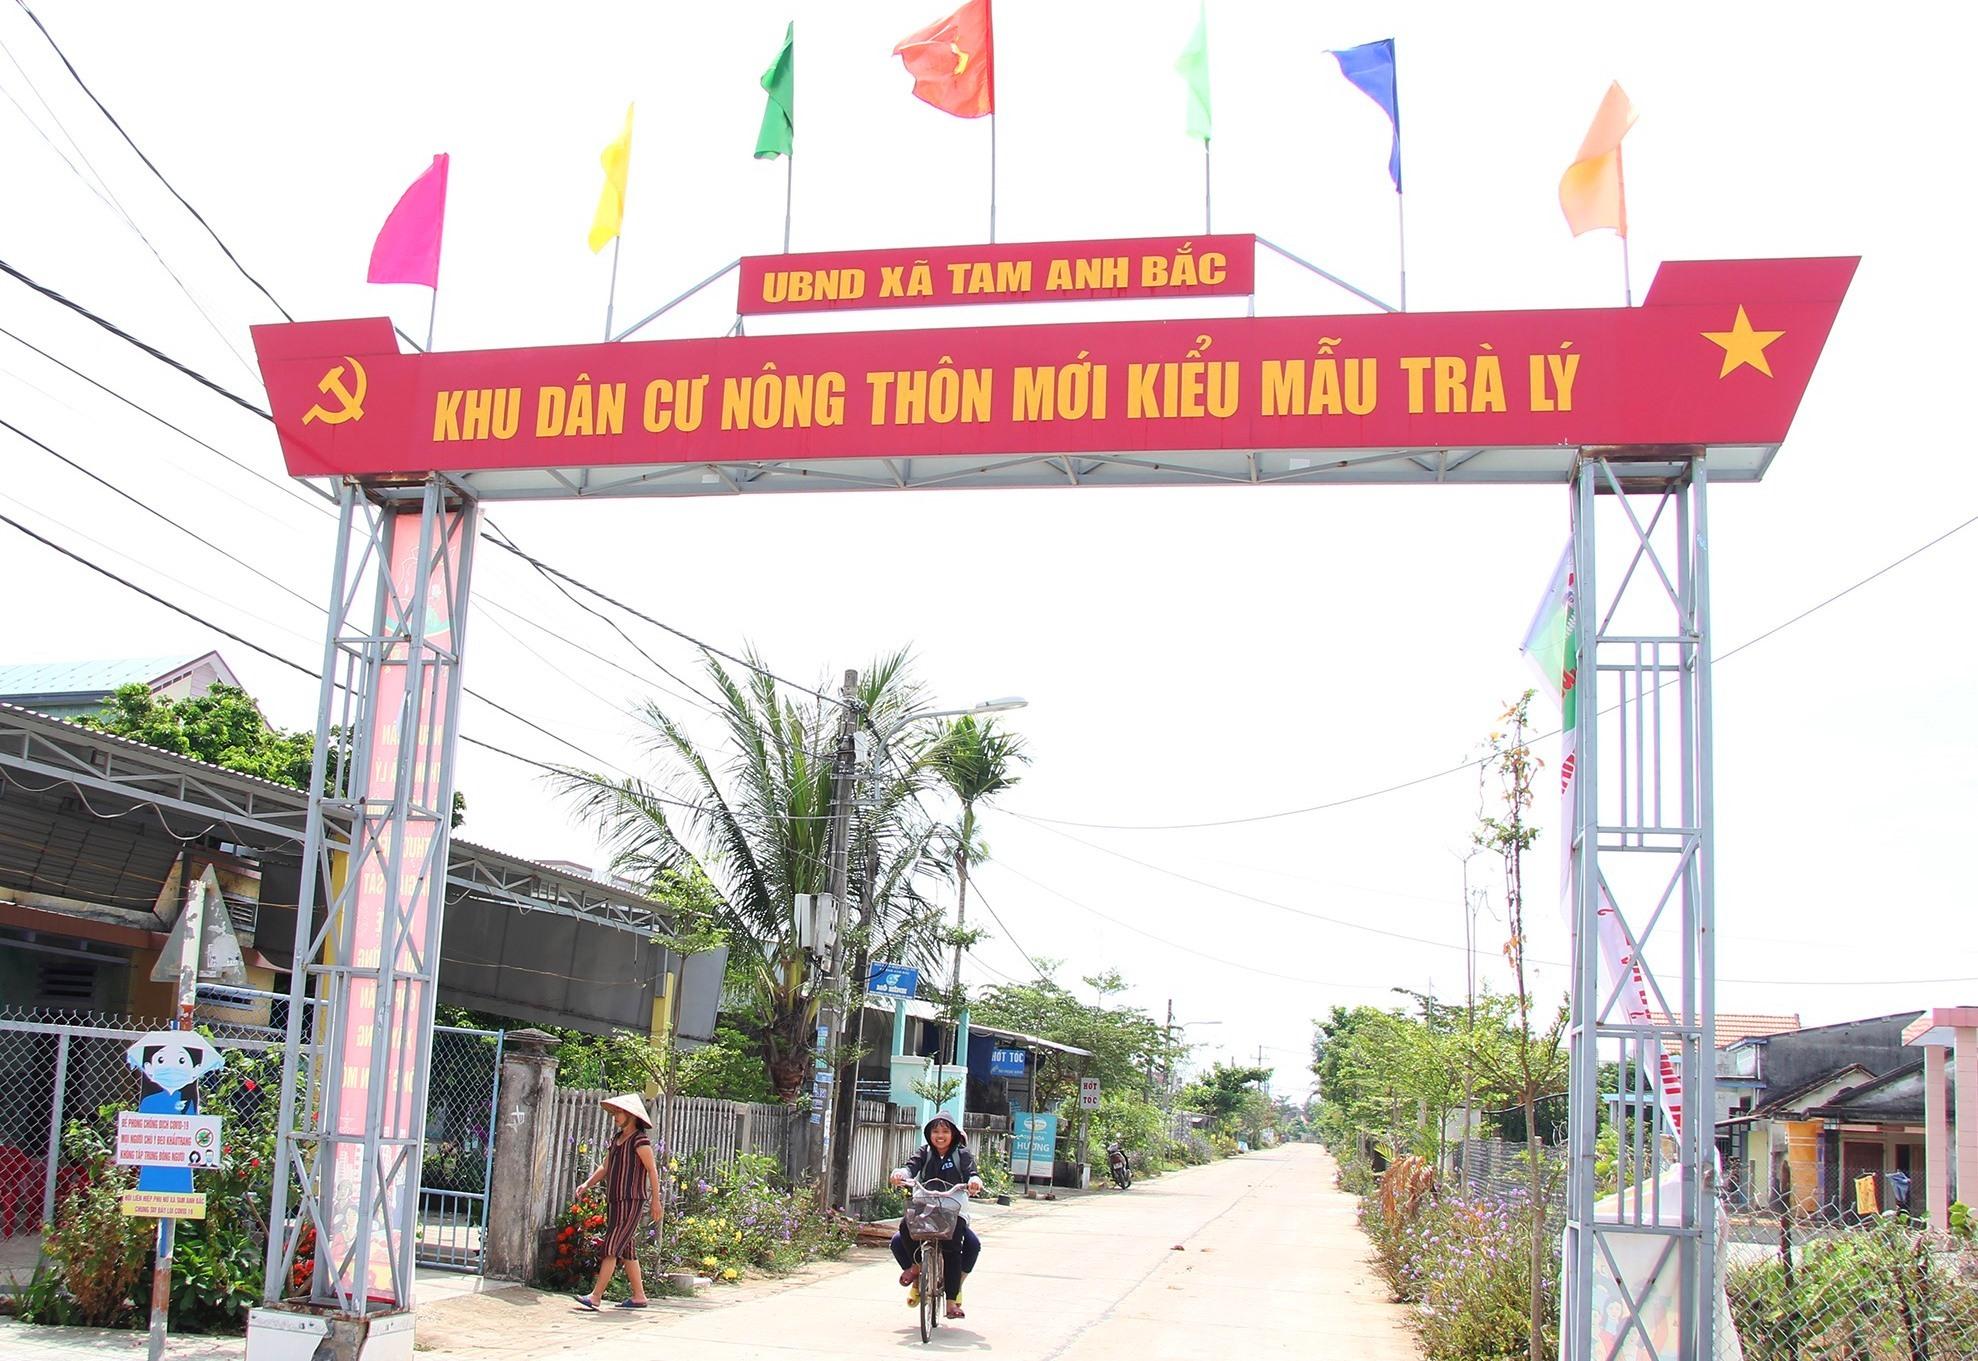 Diện mạo KDC kiểu mẫu thôn Trà Lý, xã Tam Anh Bắc. Ảnh: H.Q